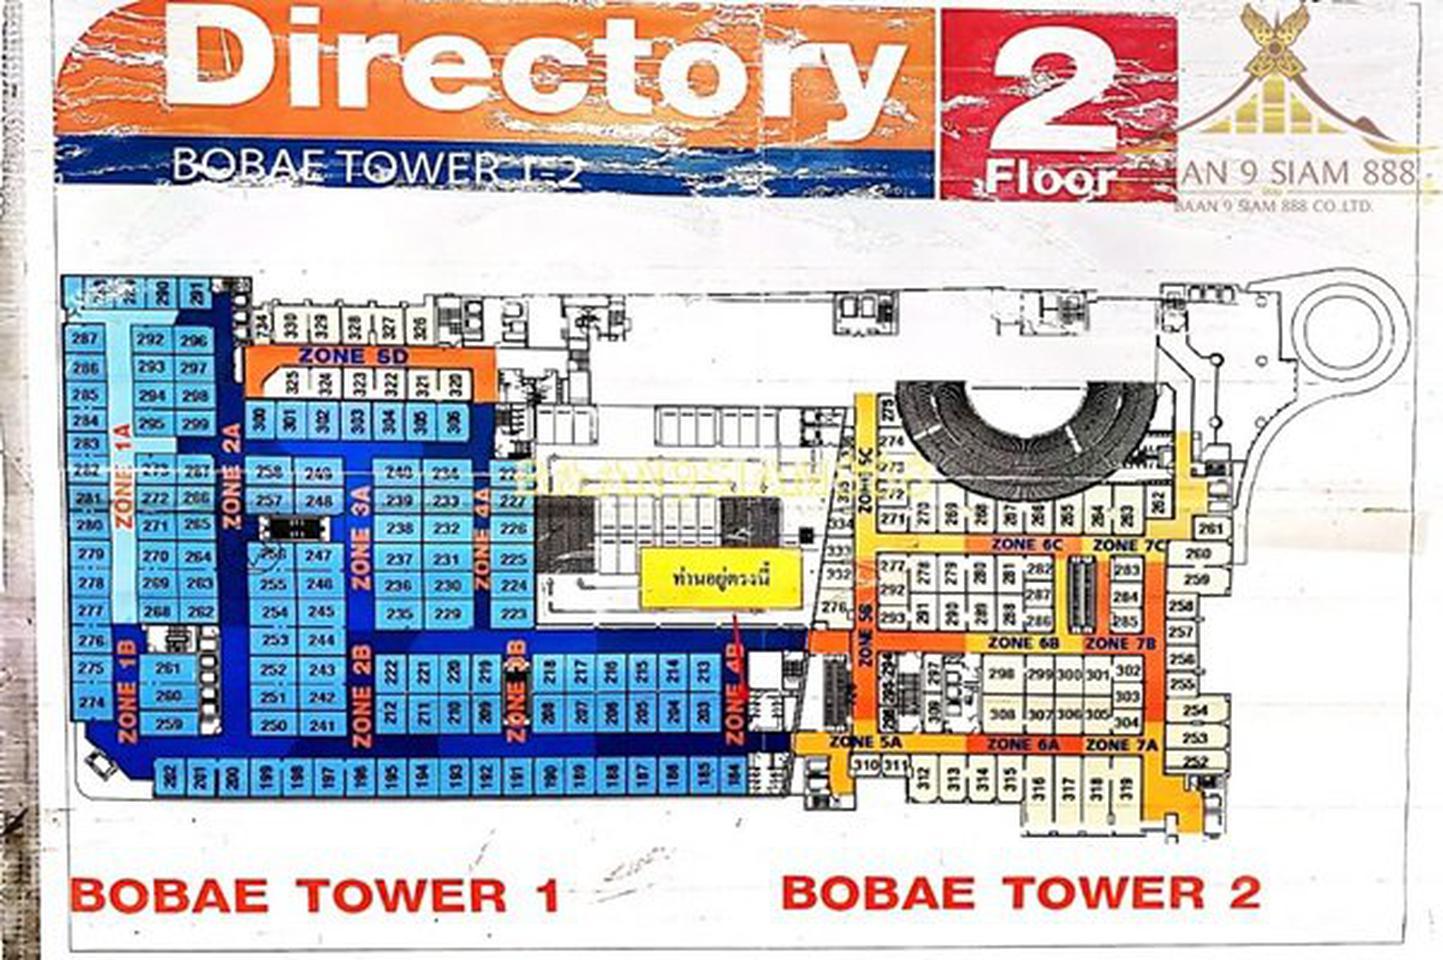 ร้านค้าโบ๊เบ๊ทาวเวอร์2 ชั้น2 รูปที่ 2